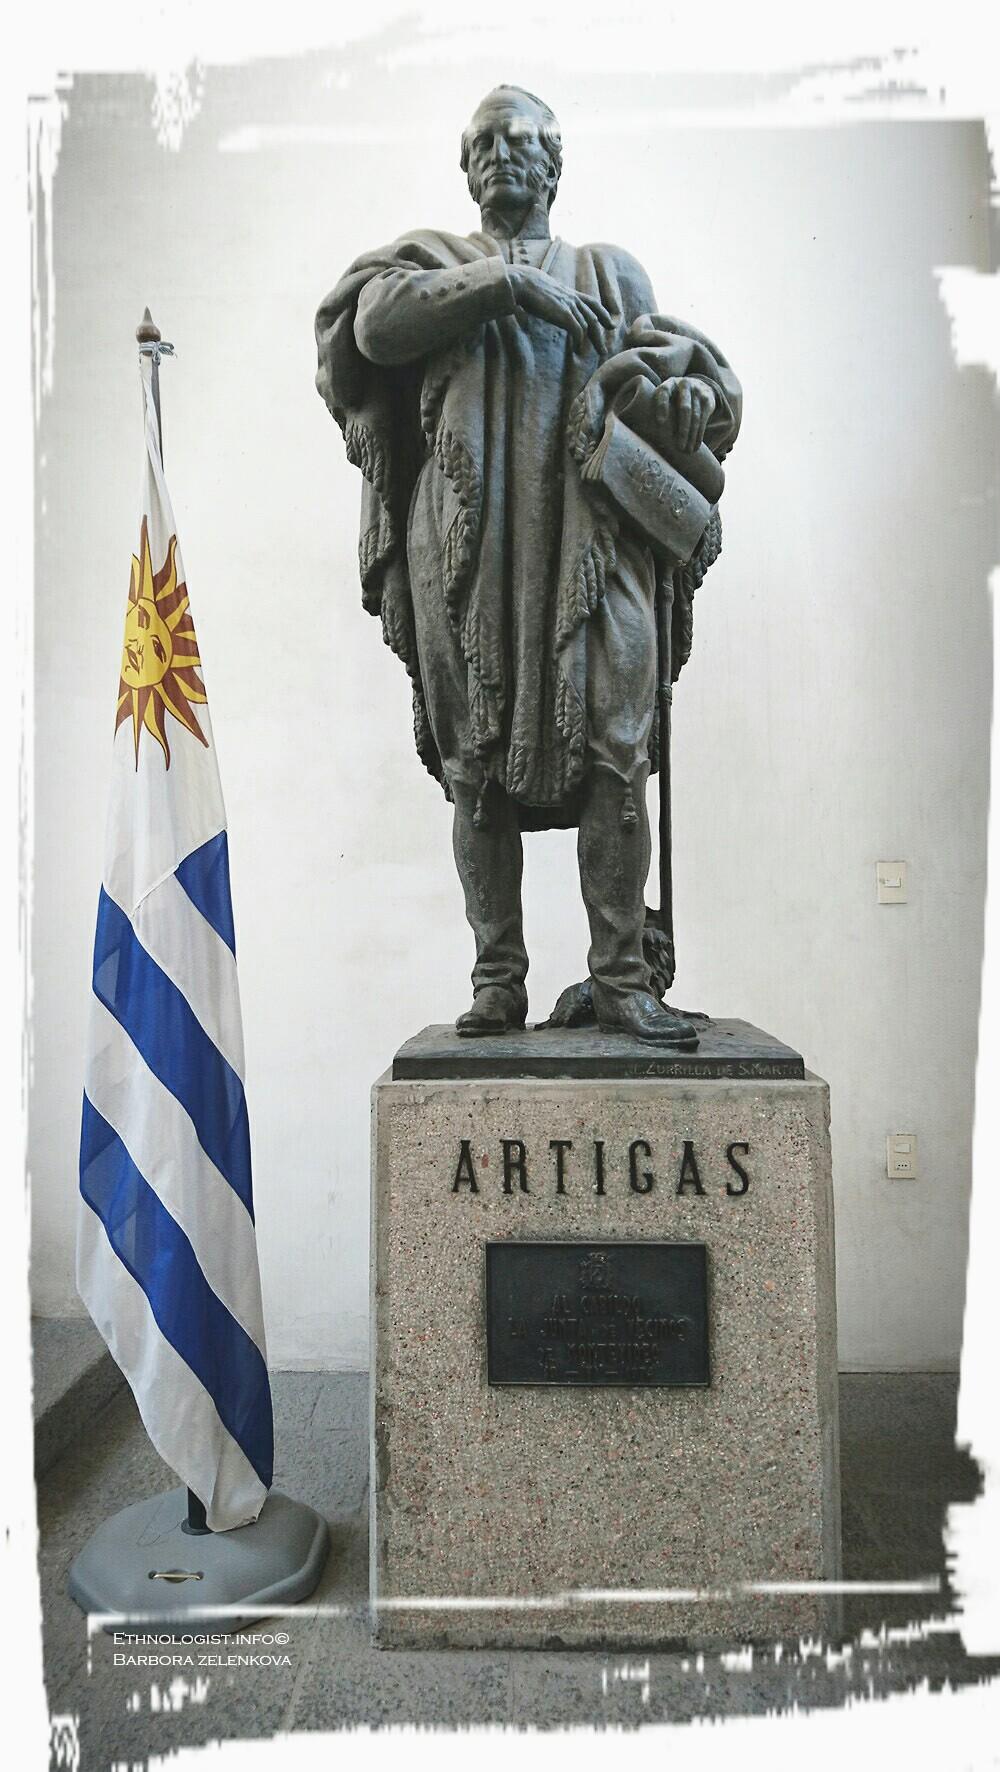 José Gervasio Artigas v Museo Histórico Cabildo. Foto: Barbora Zelenková, 2016.